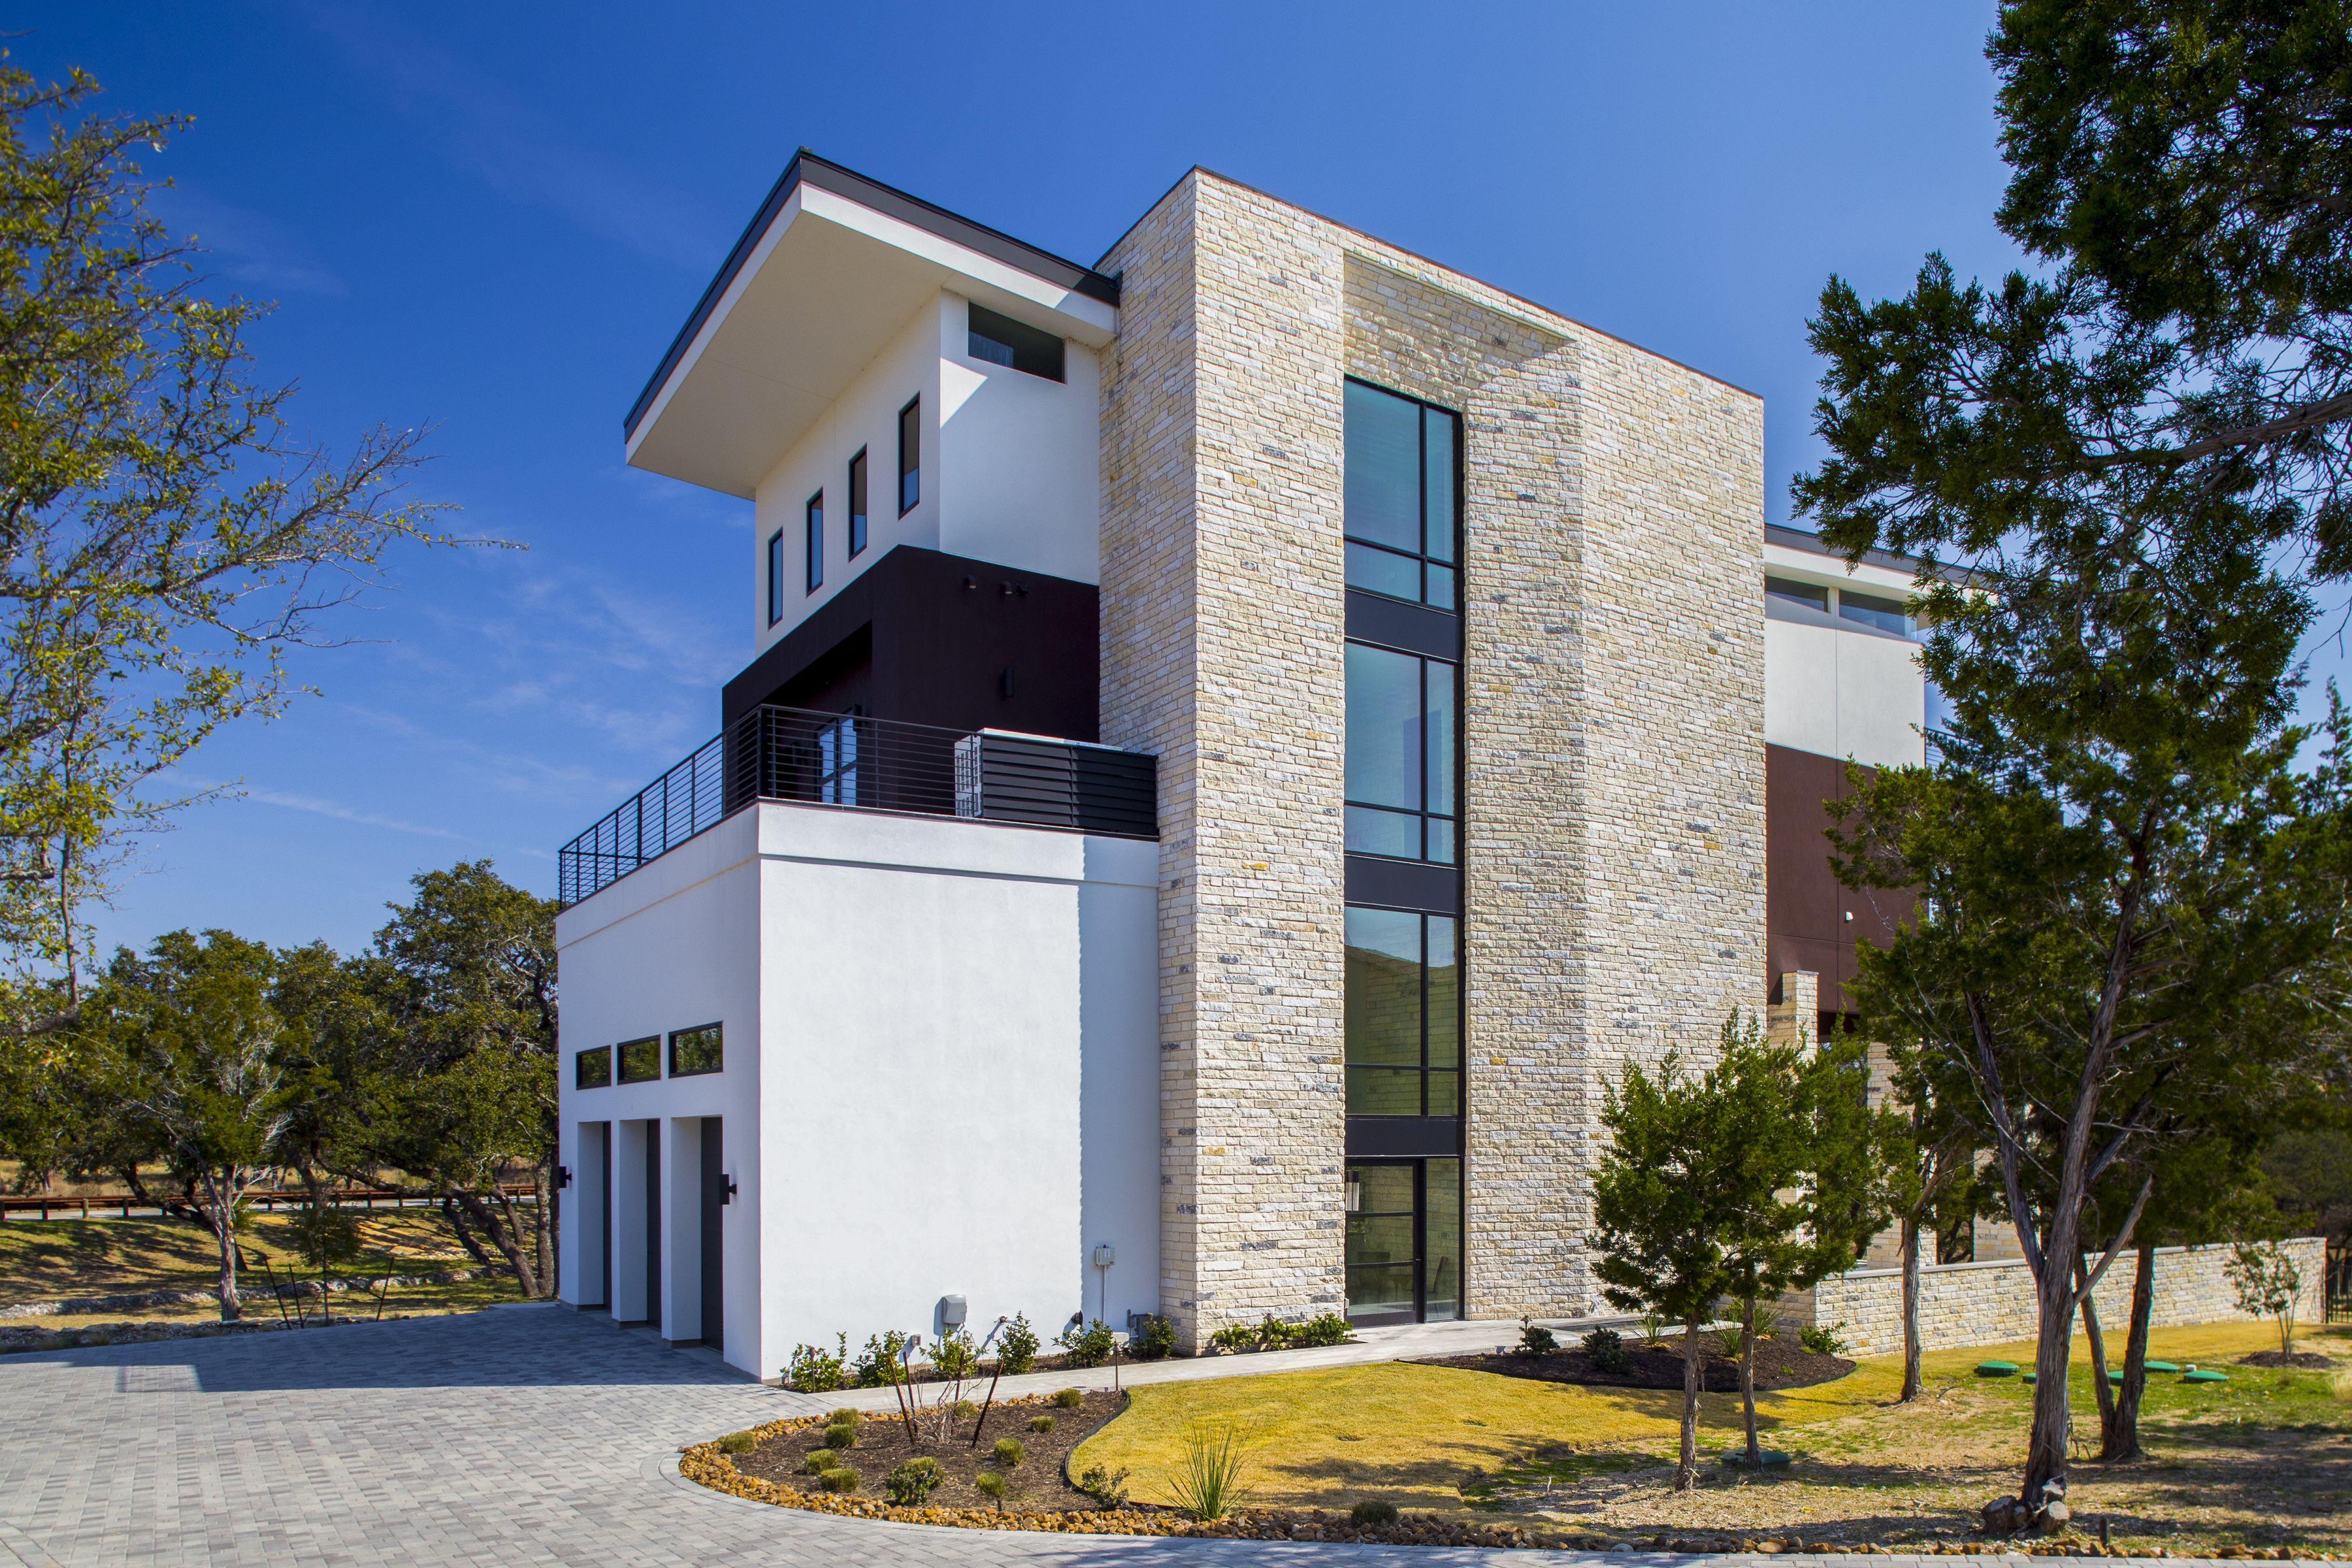 Contemporary Home Exterior Features Stone \u0026 Stucco   HGTV   house ...